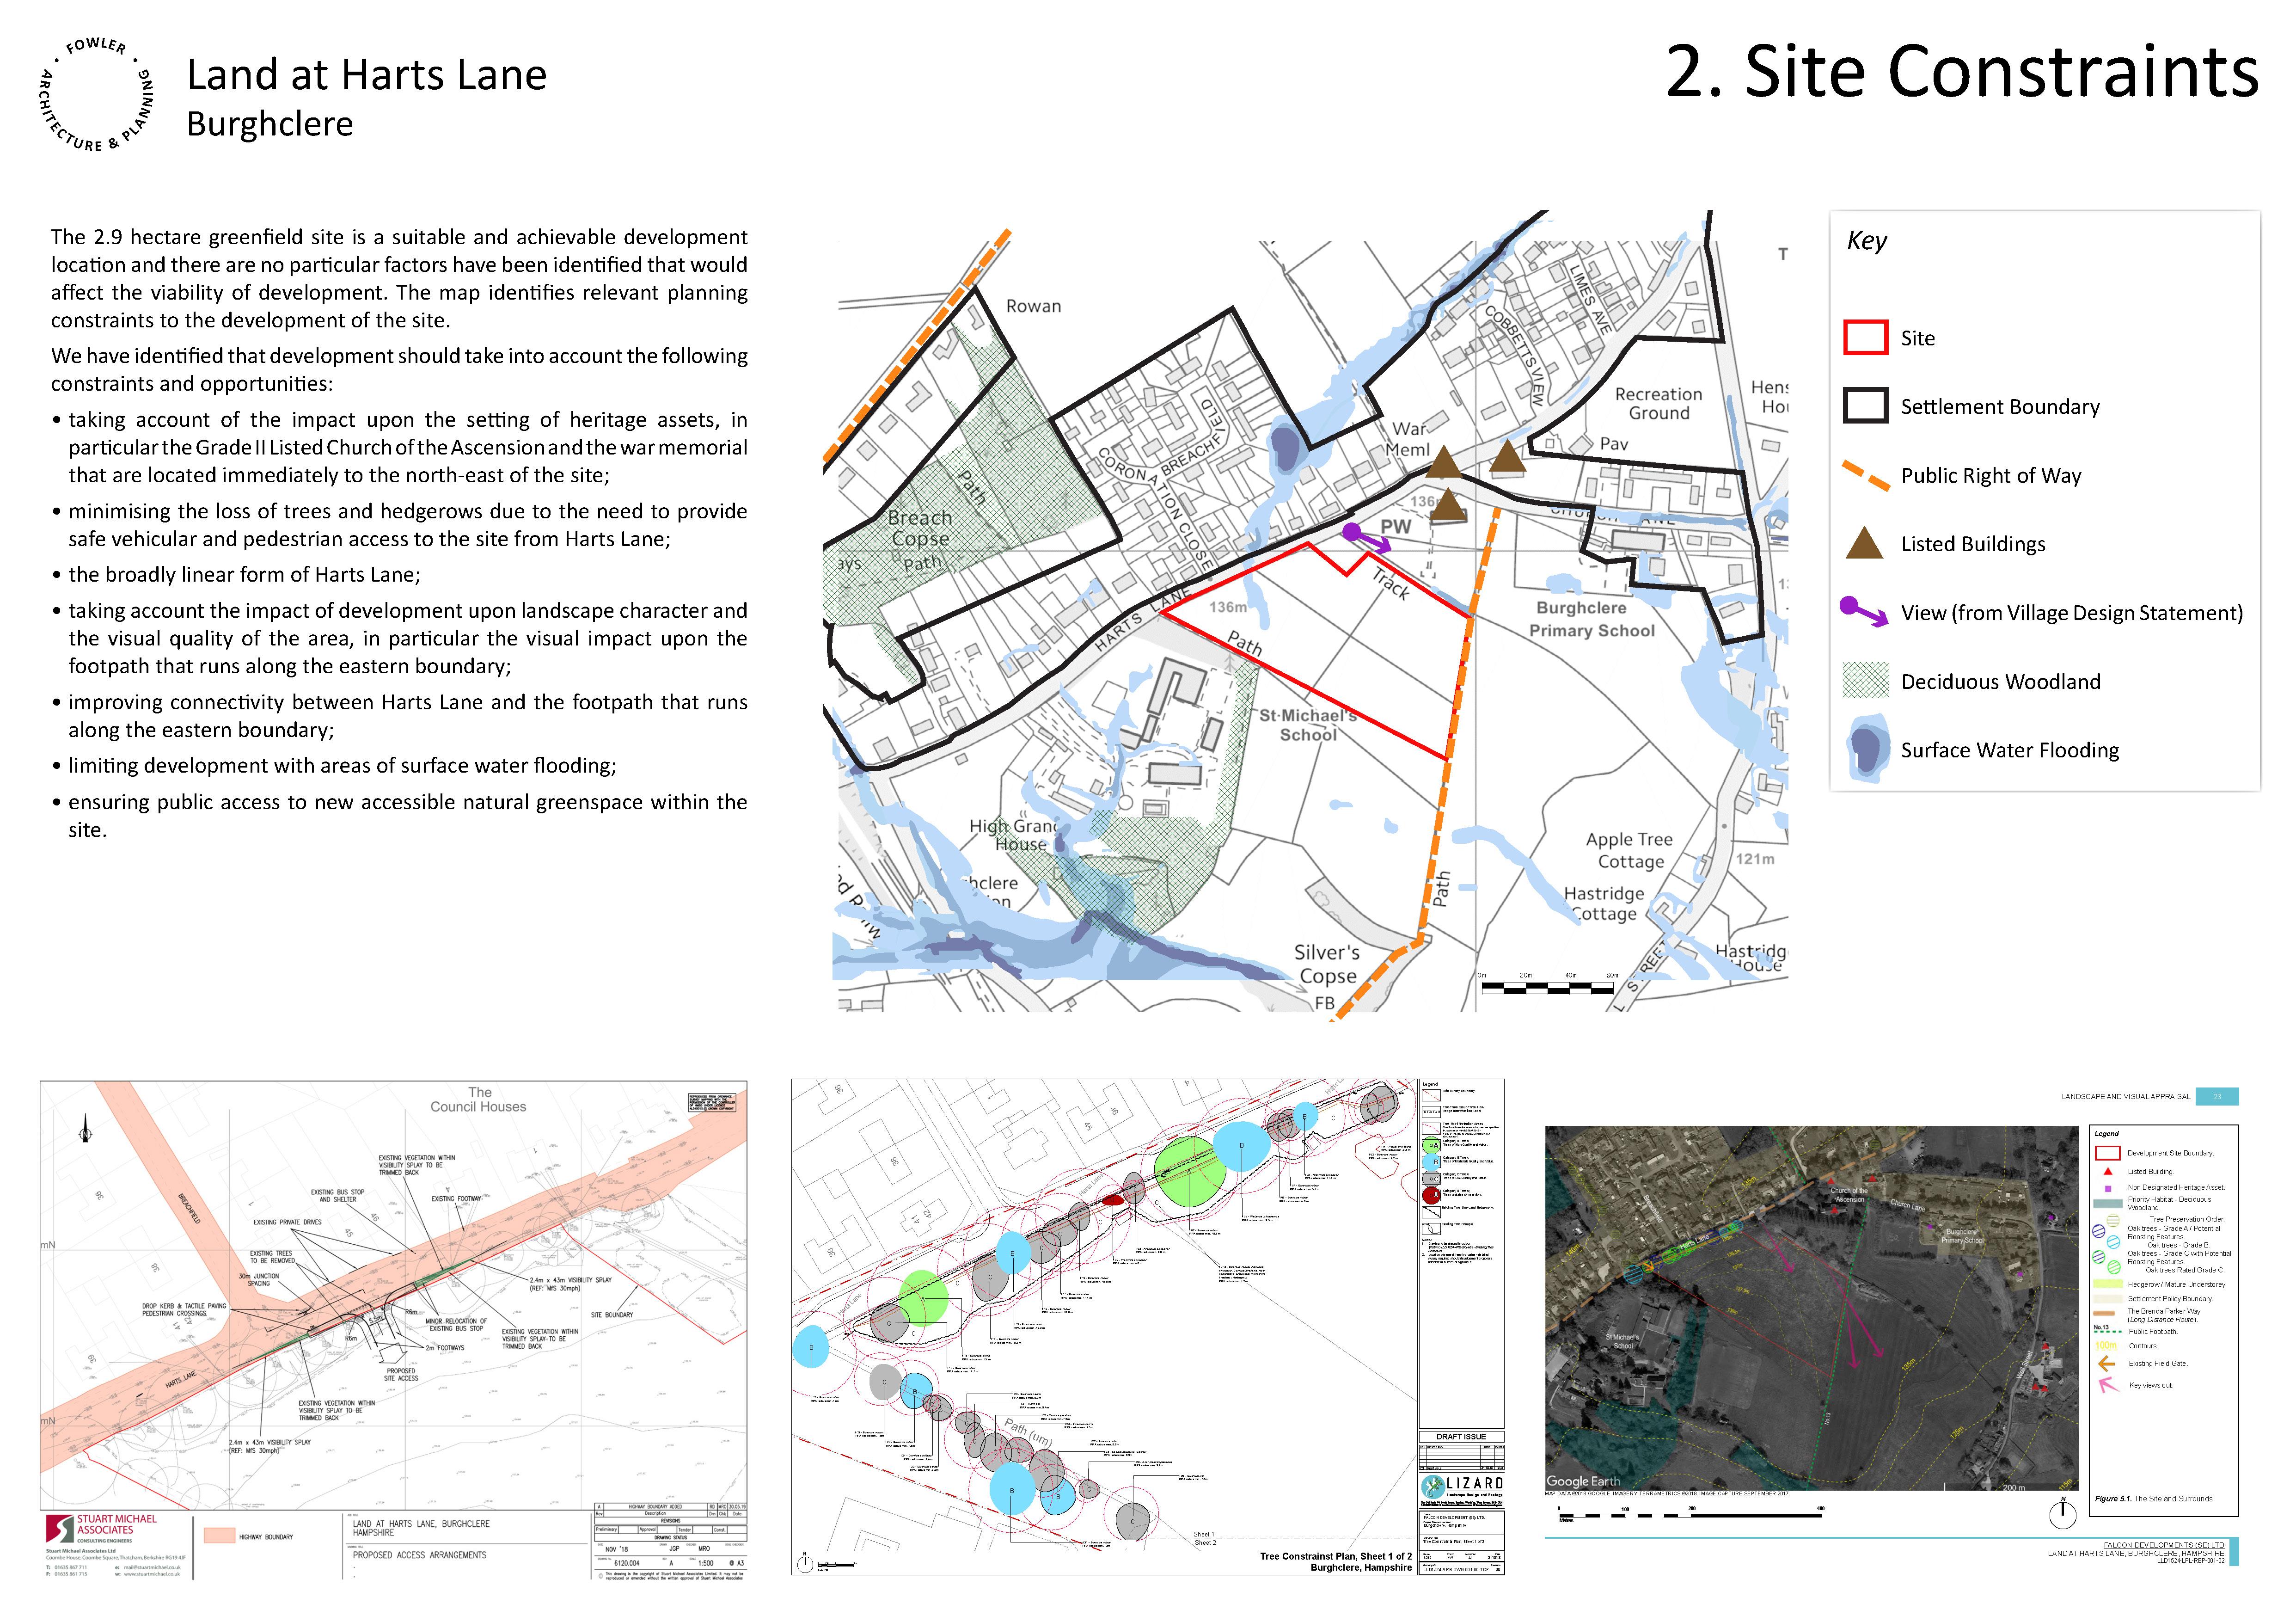 Land at Harts Lane, Burghclere - Board 2